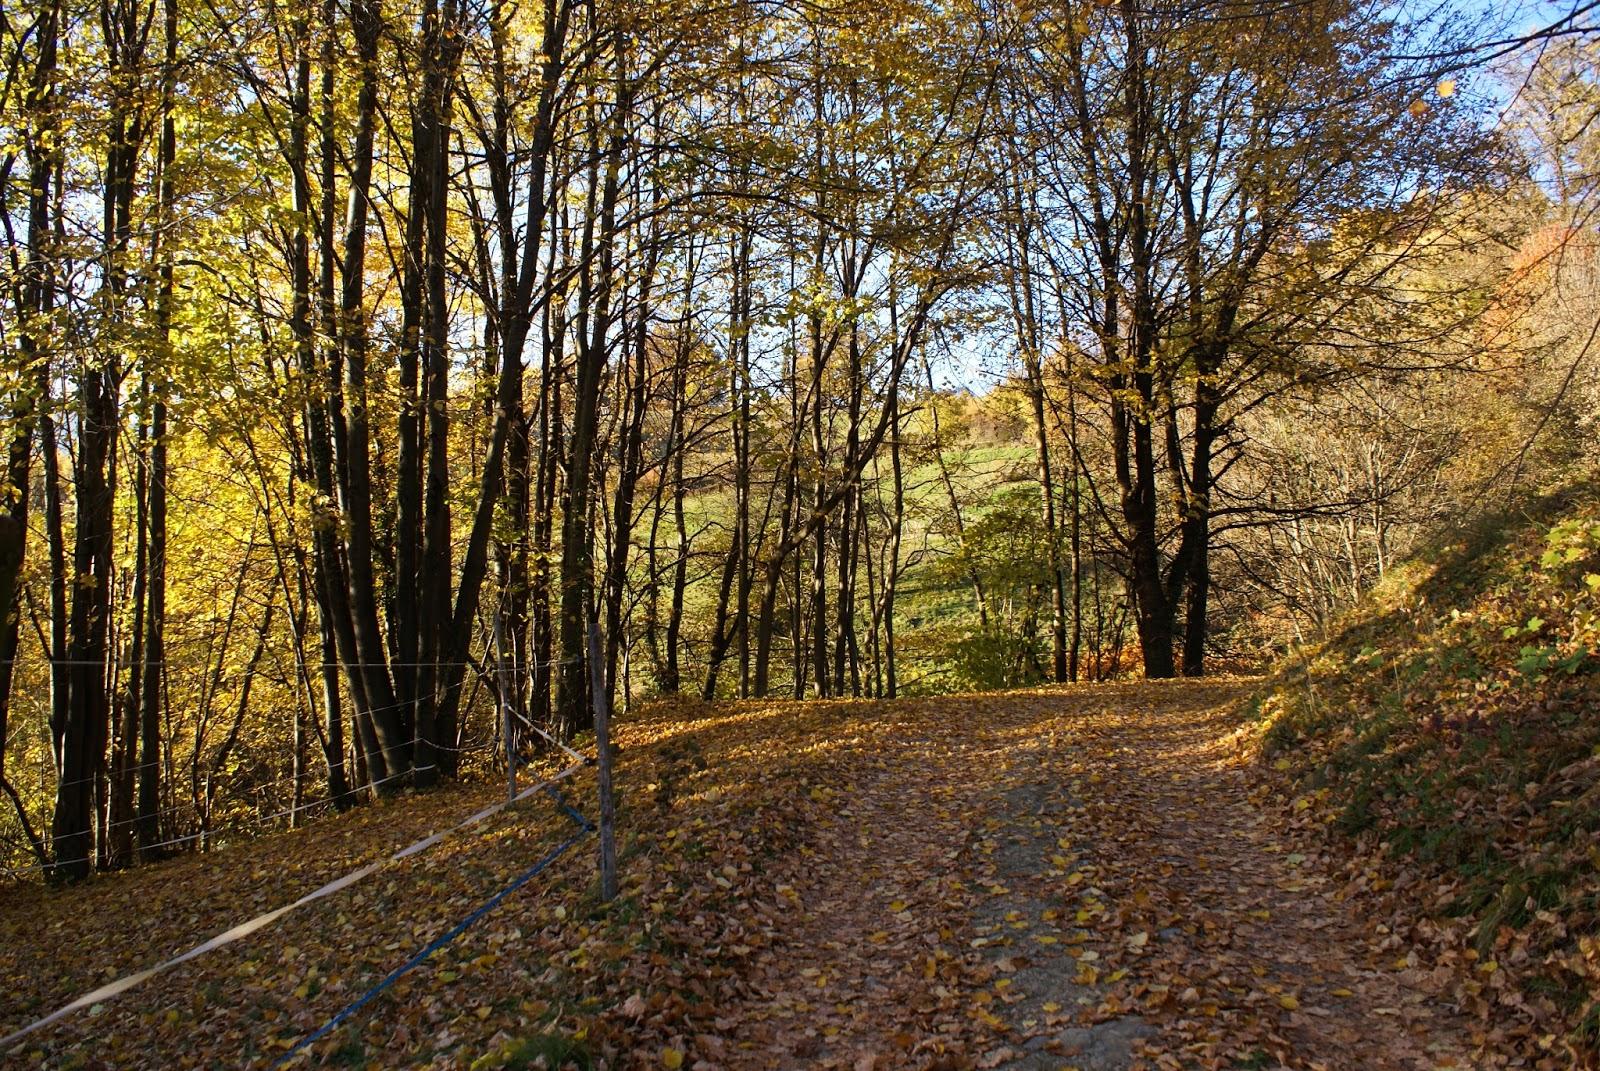 automne savoie feuilles nature